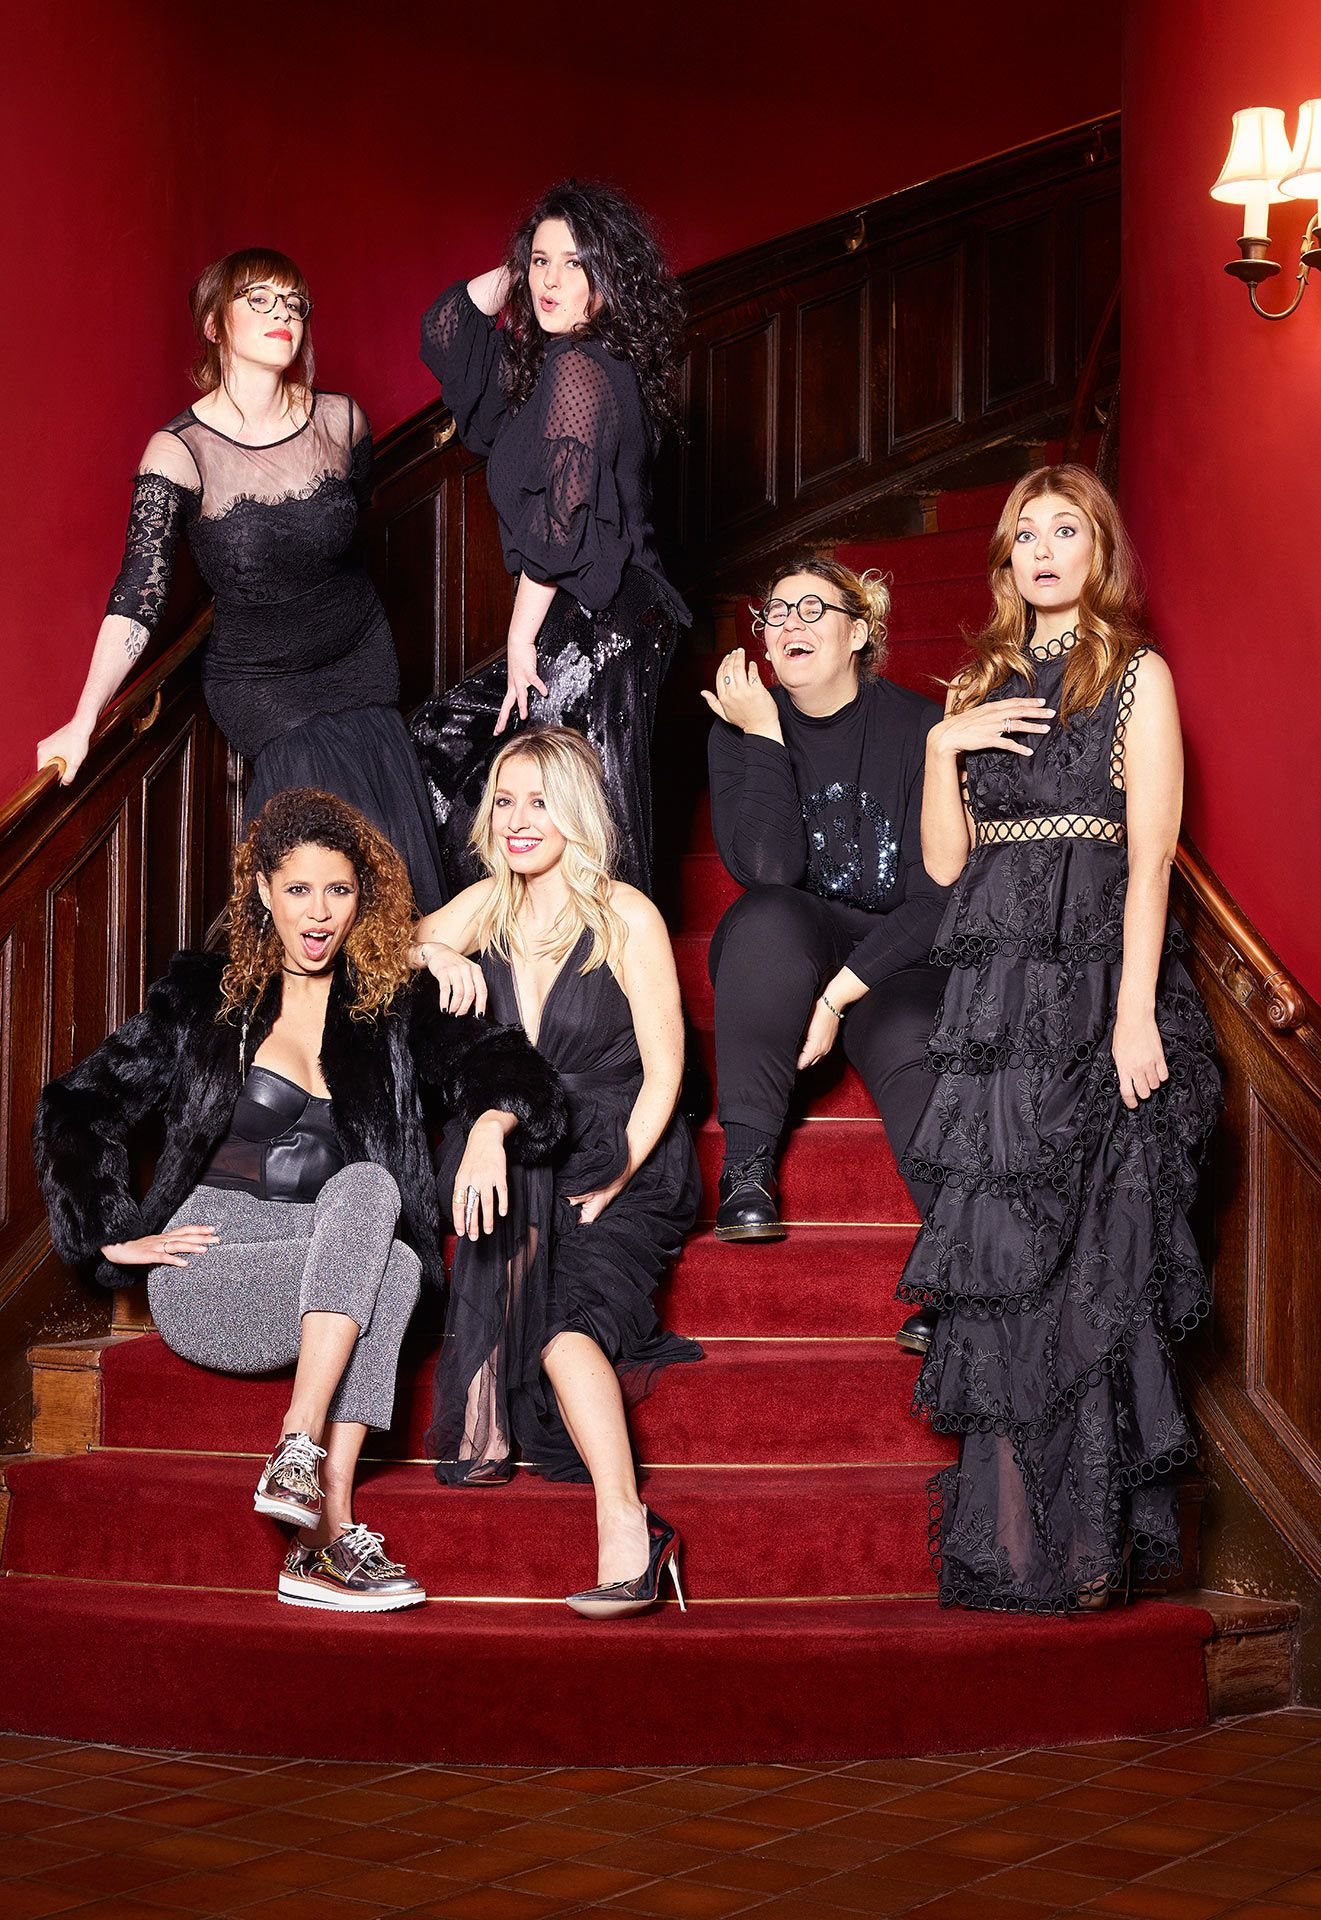 composition of famous quebecoises women for Vrak channel show Code F shot by Jocelyn Michel